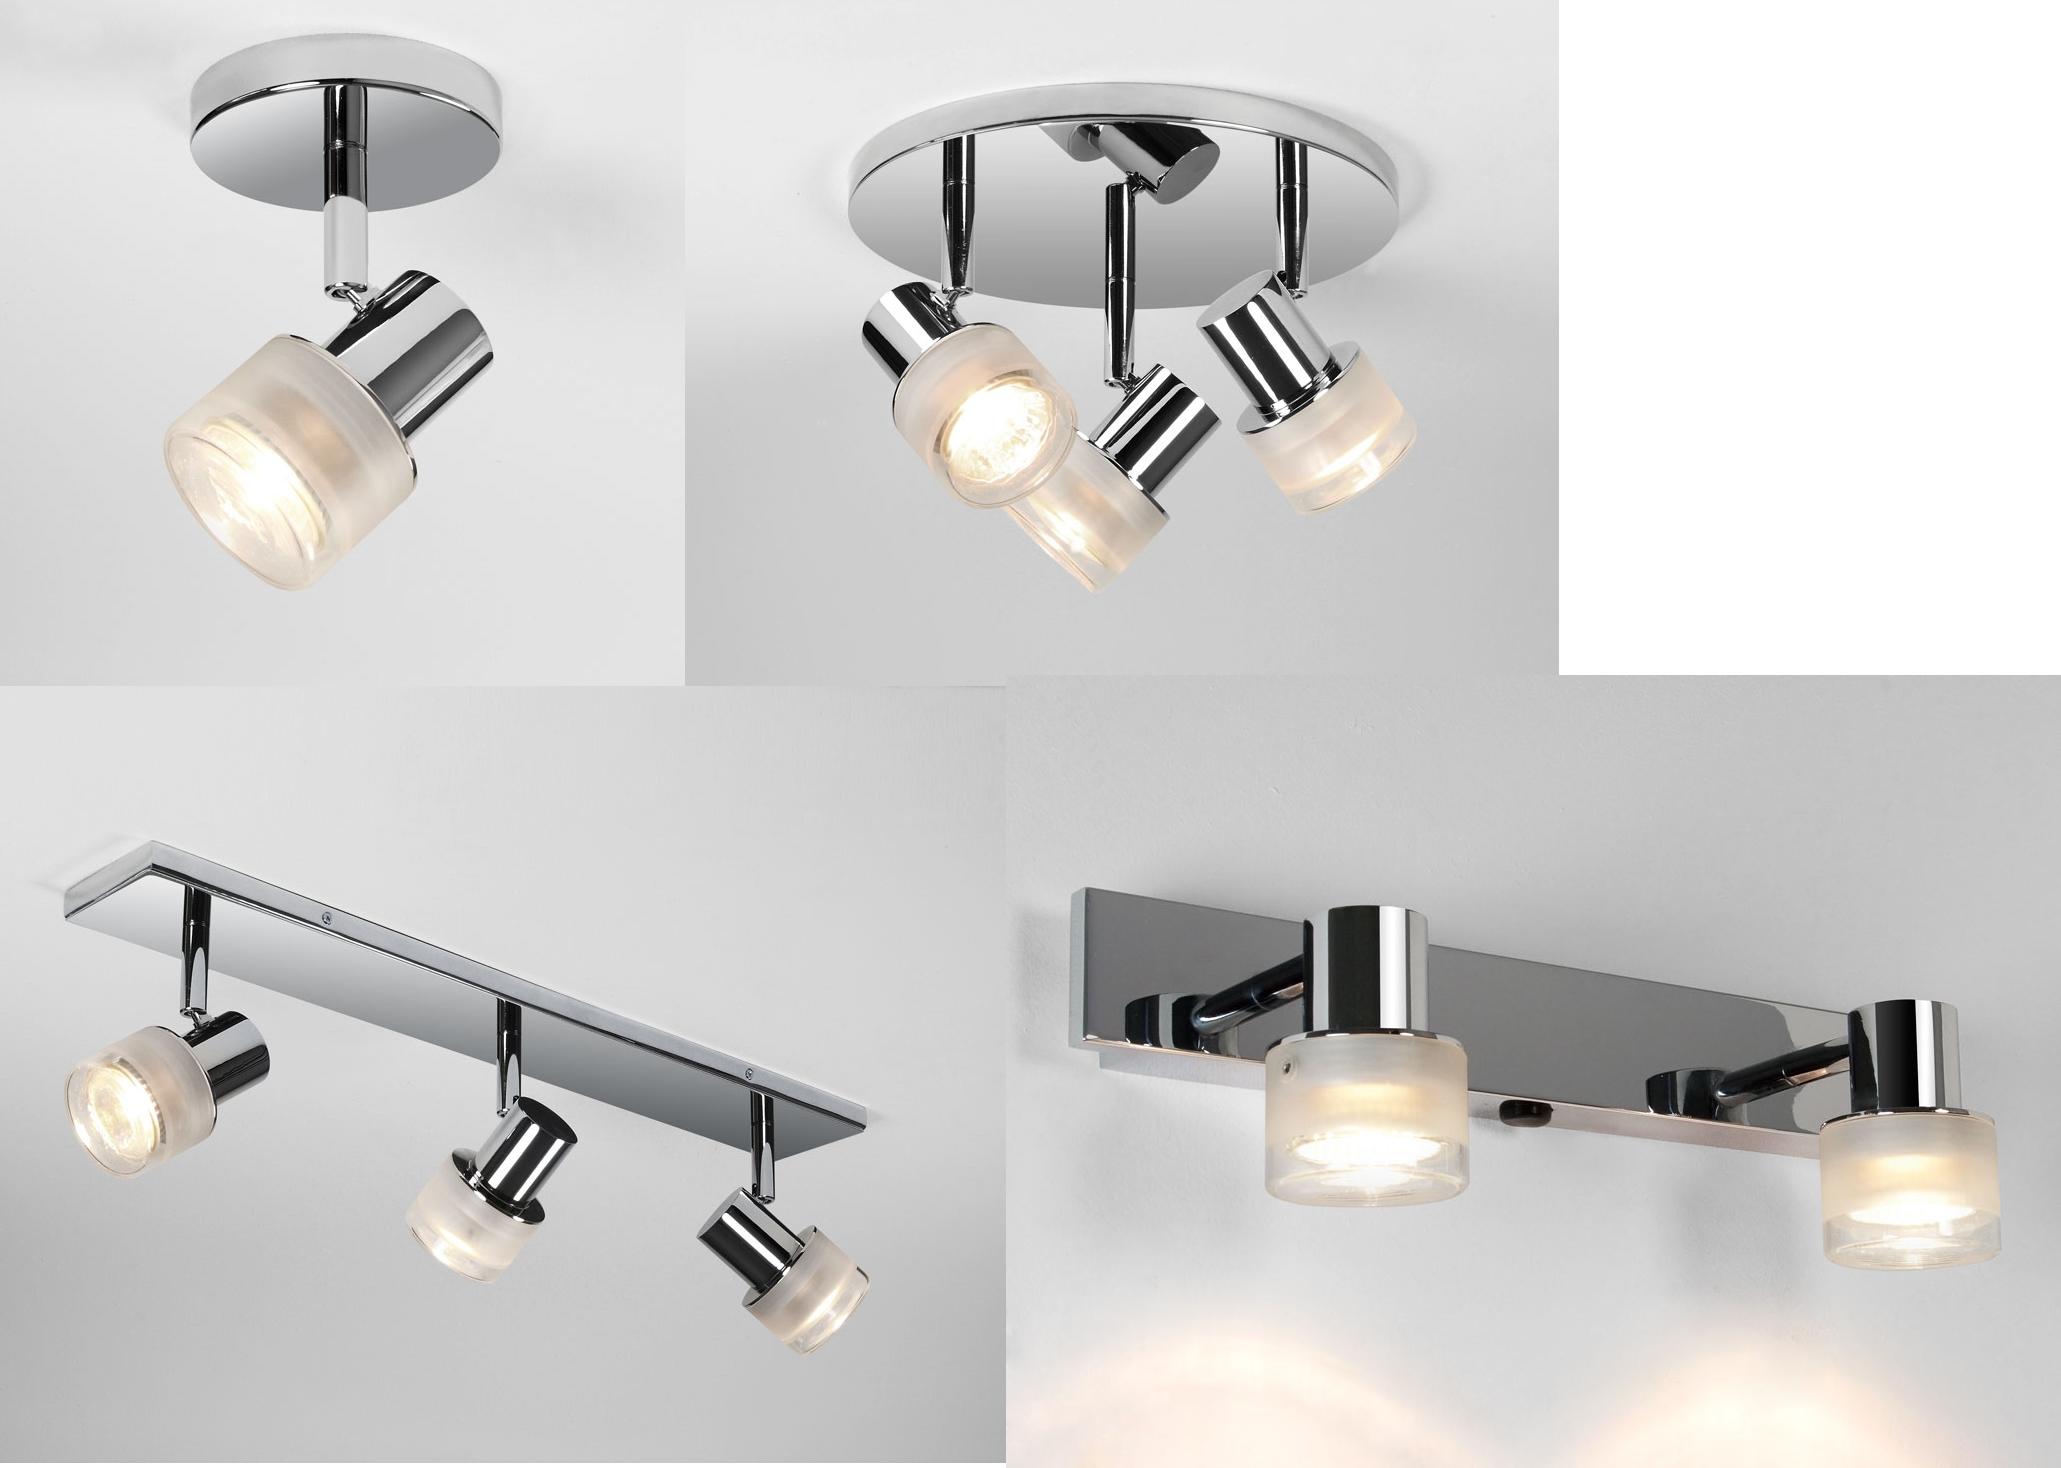 astro tokai badezimmer scheinwerfer dimmbar einzeln. Black Bedroom Furniture Sets. Home Design Ideas